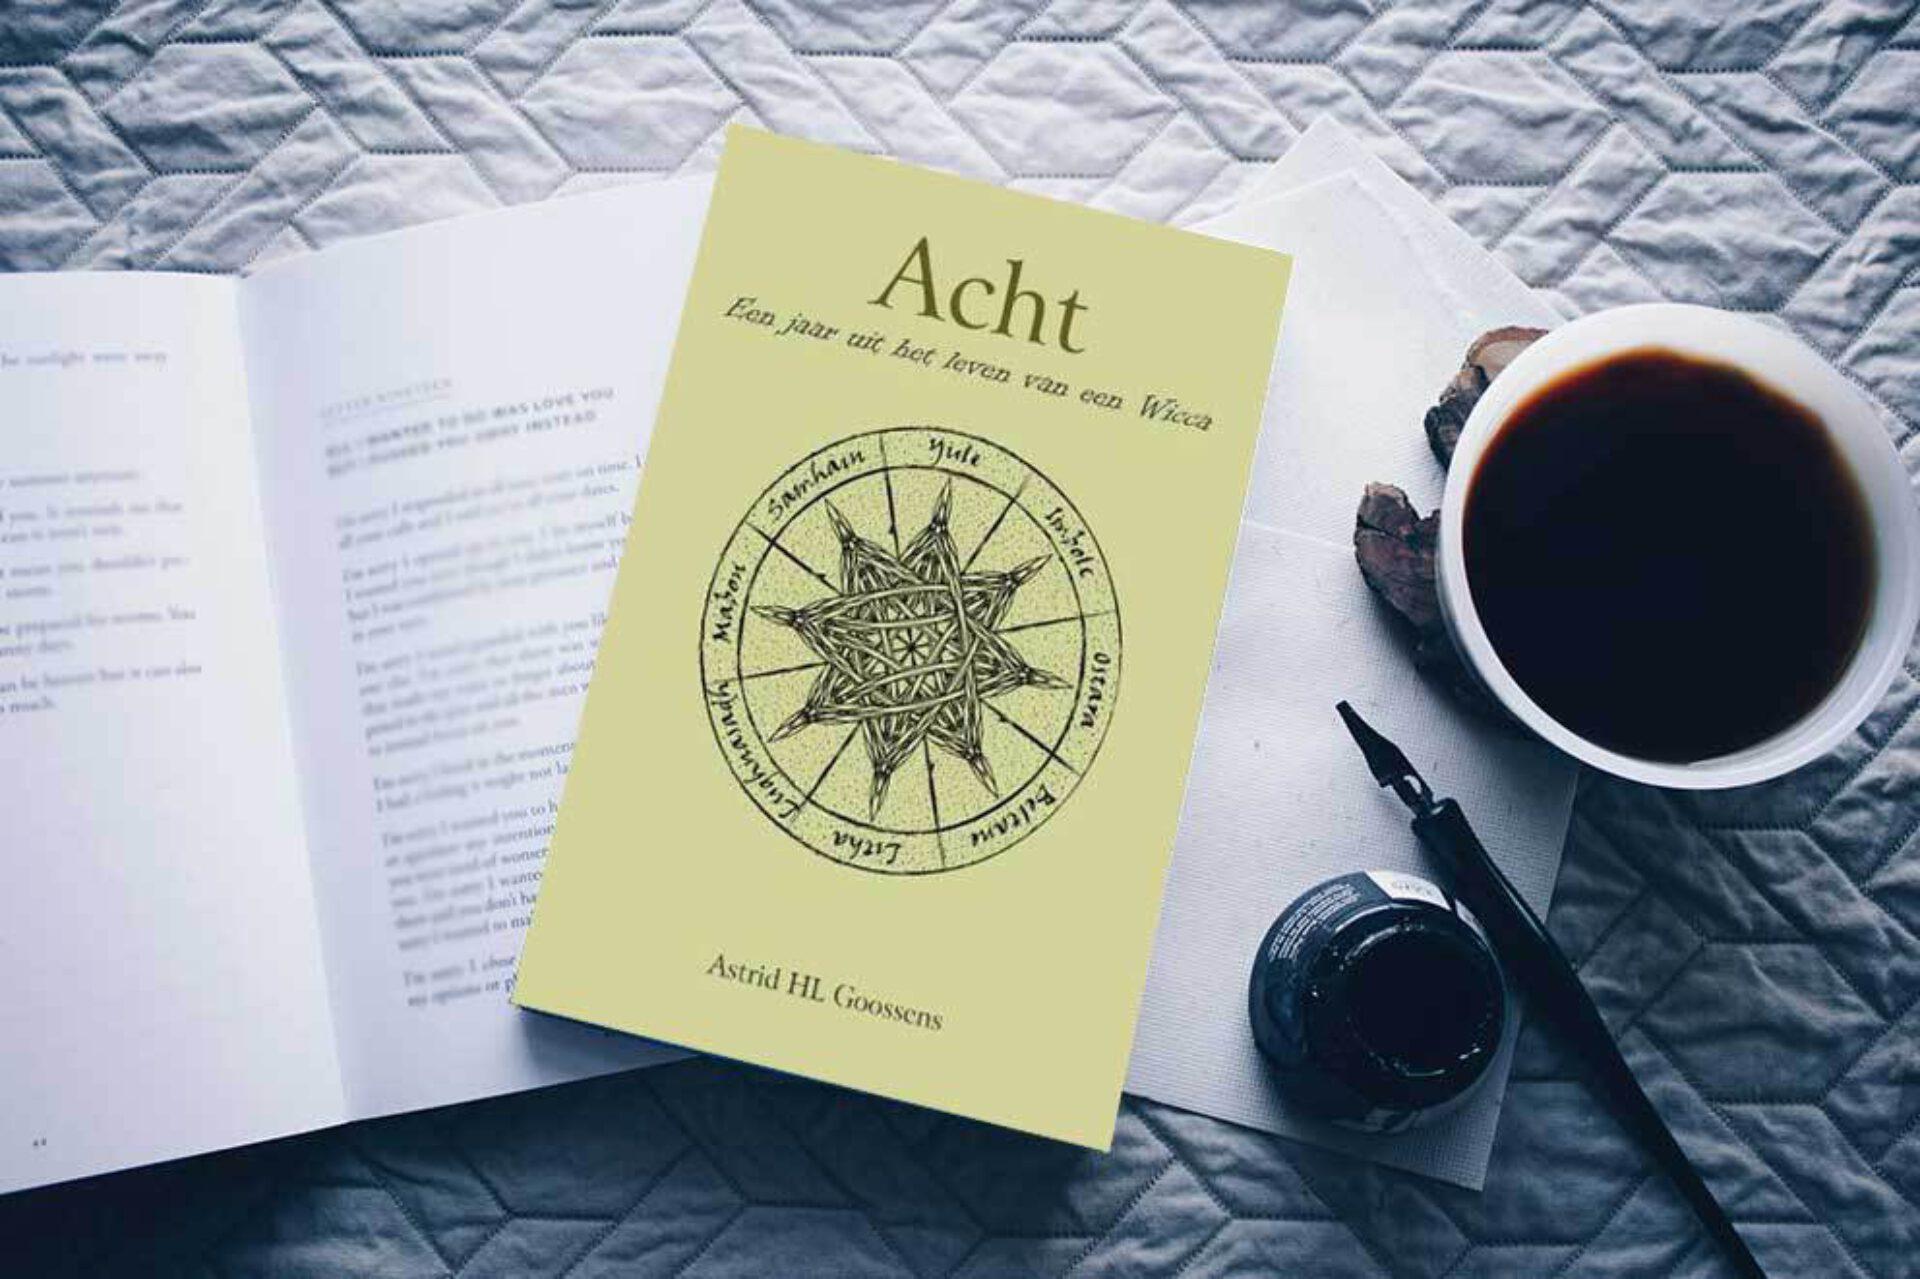 Boekreview: Acht, een jaar uit het leven van een Wicca